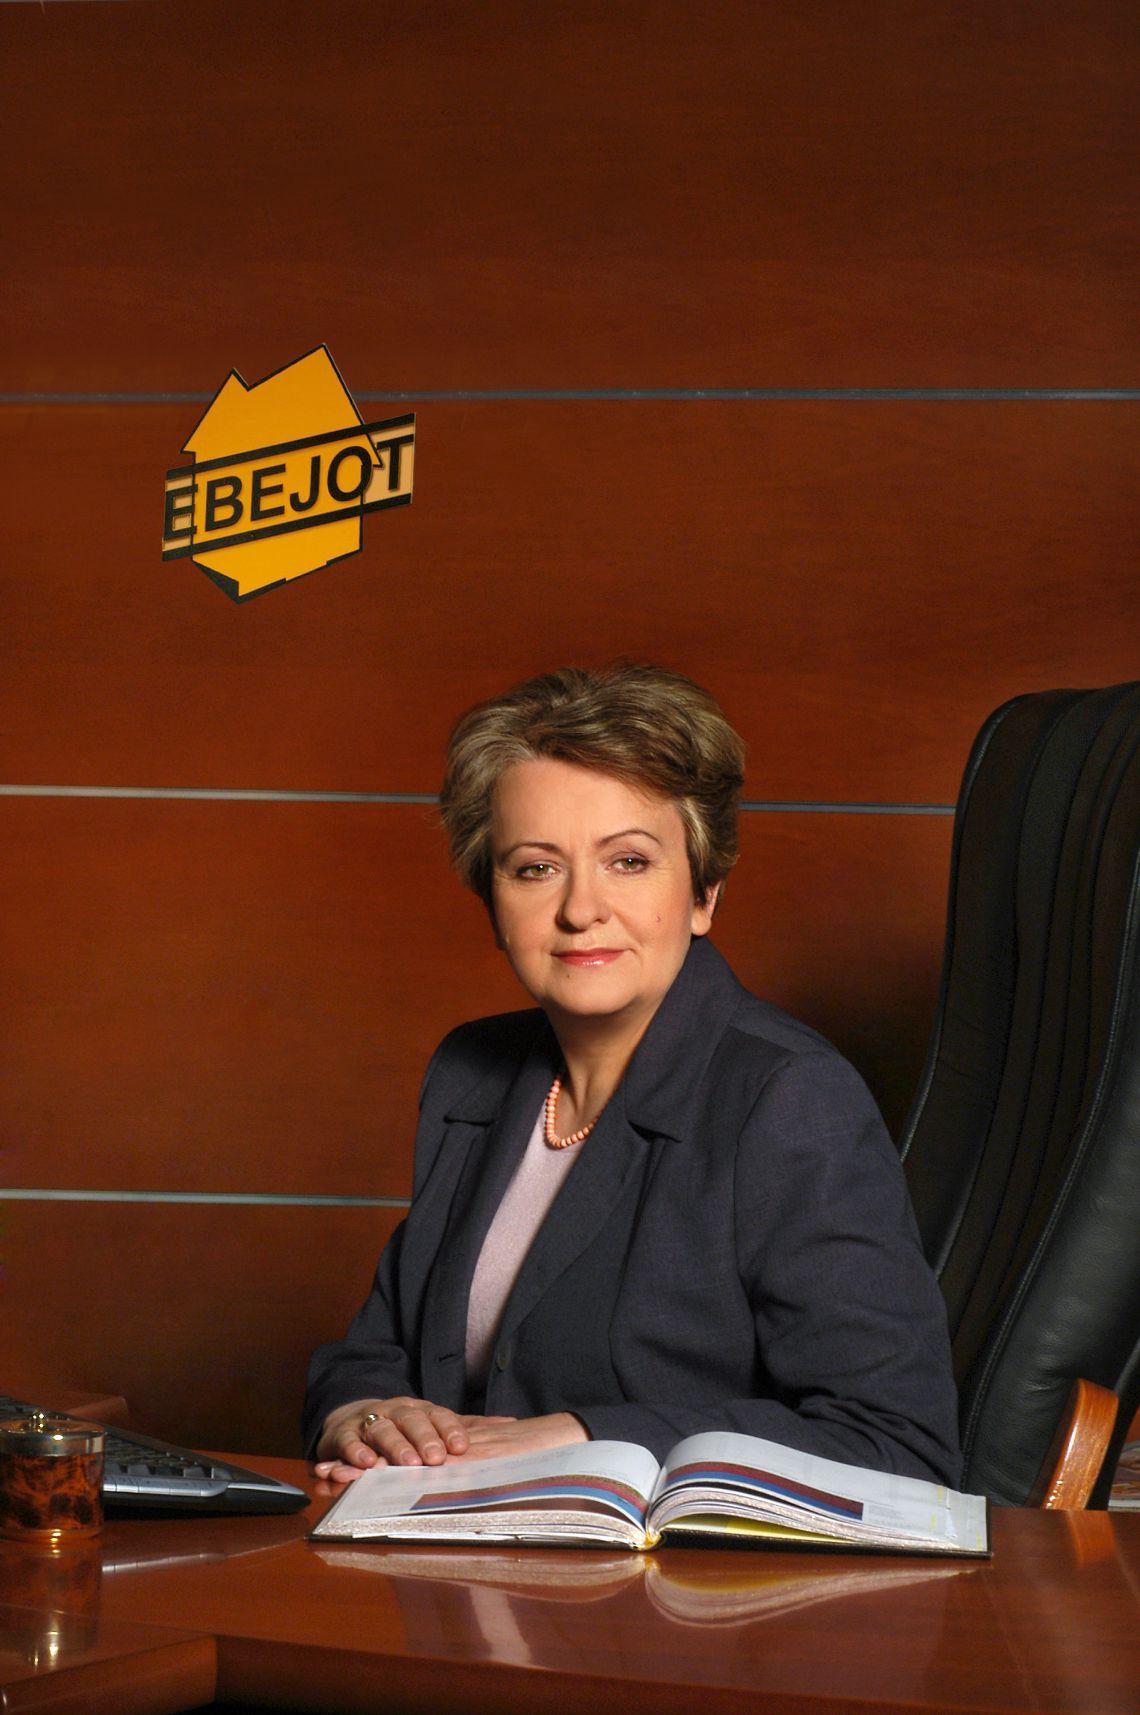 Regina Katner, wiceprezes zarządu EBEJOT